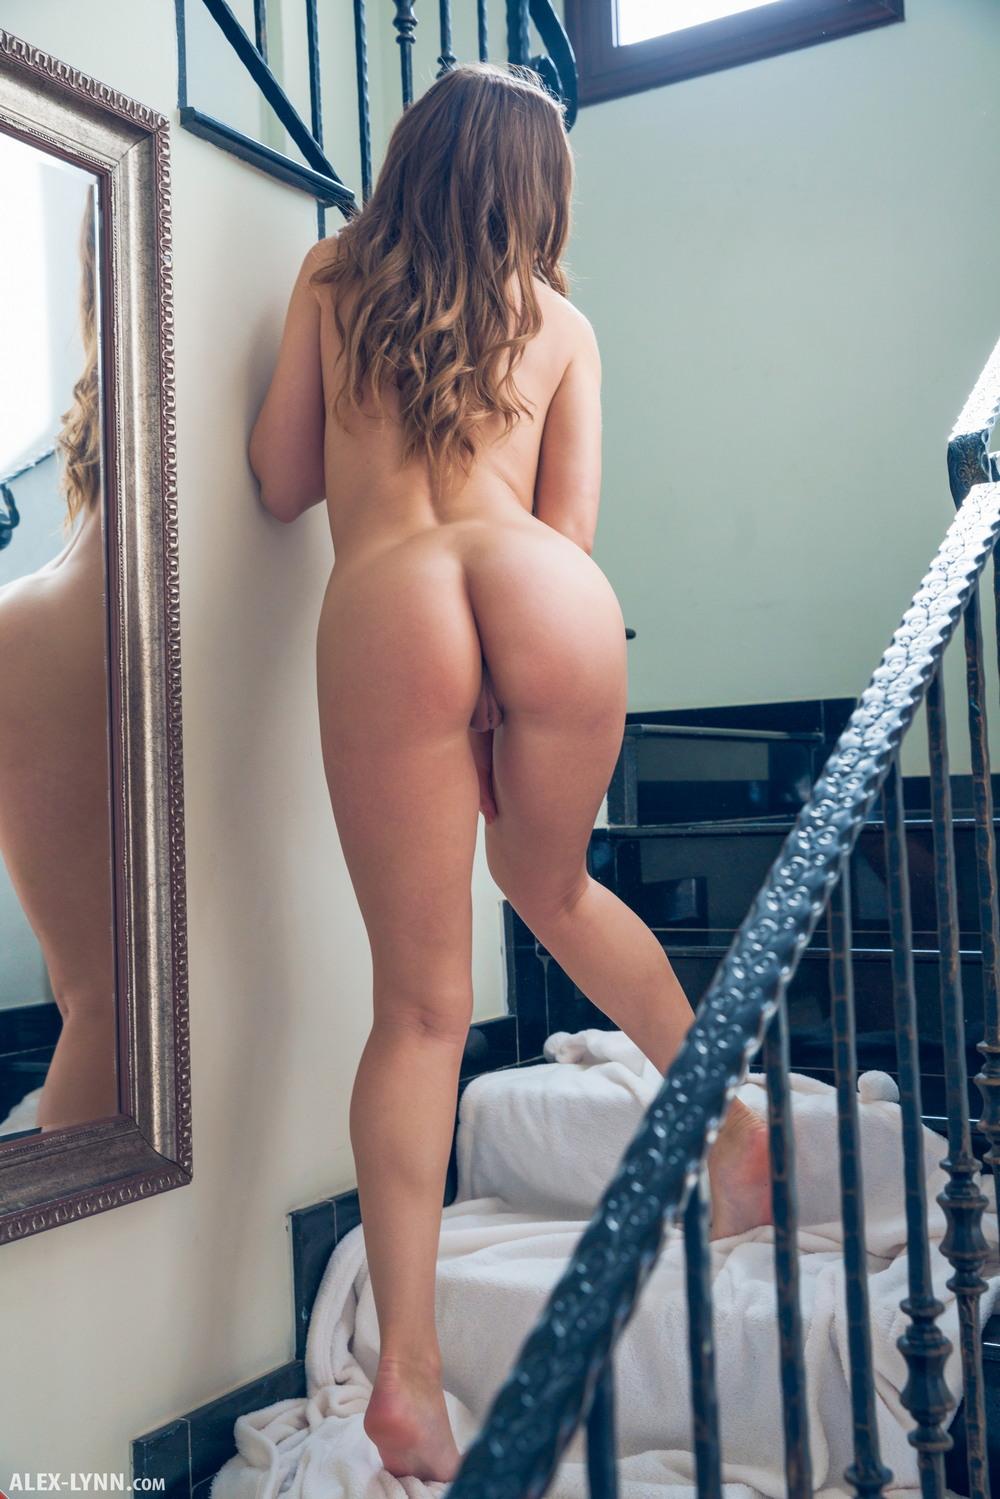 Обнаженная Sybil на лестнице